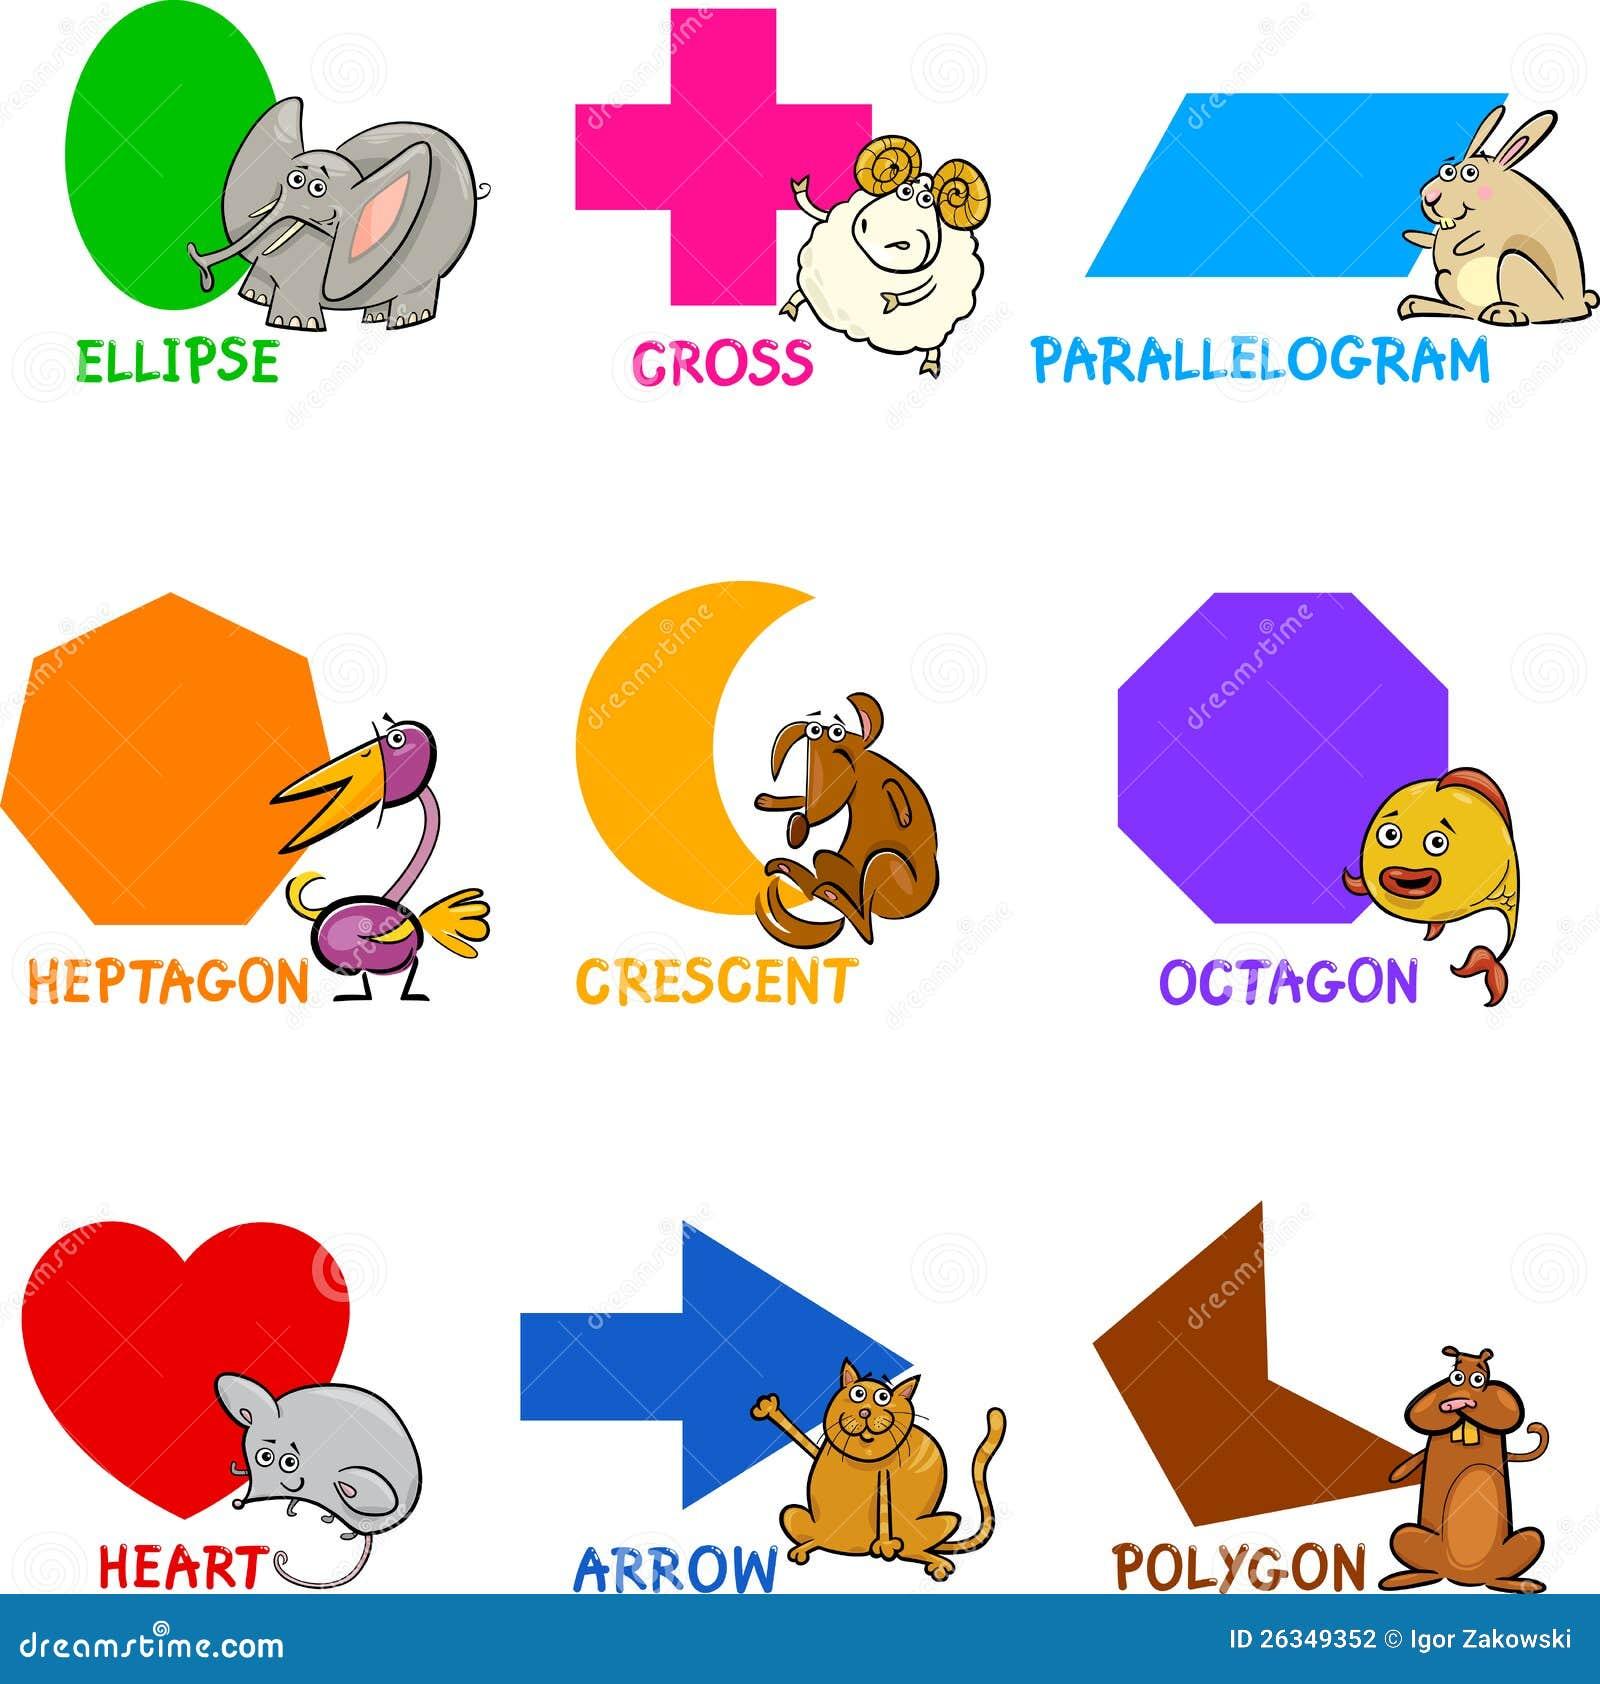 Dimensiones de una variable geométricas básicas con los animales de la historieta